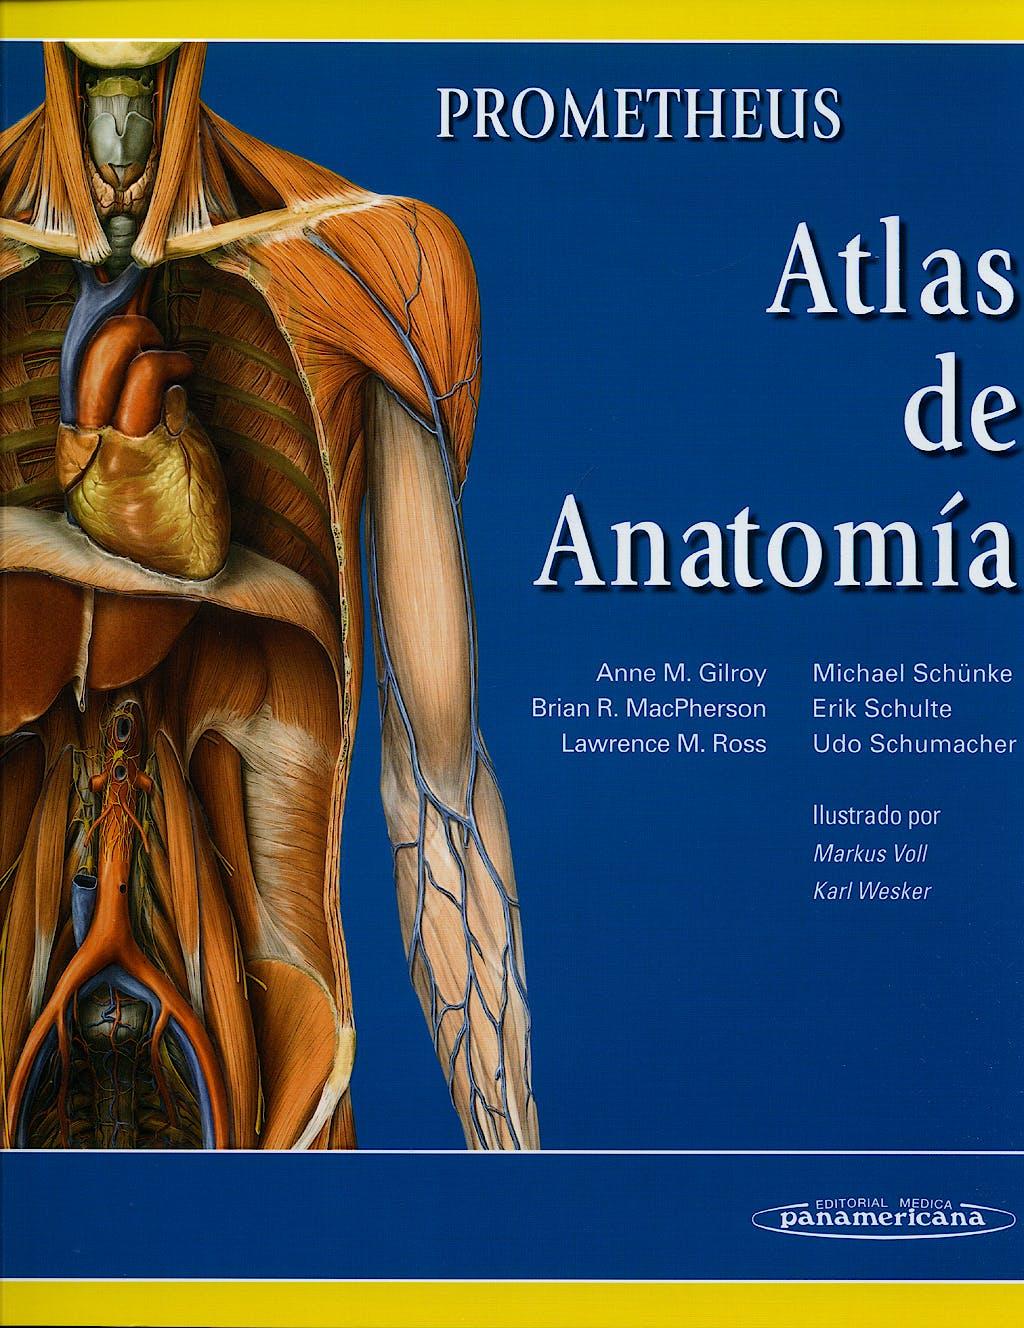 Producto: Prometheus Atlas de Anatomia + Fichas de Autoevaluacion